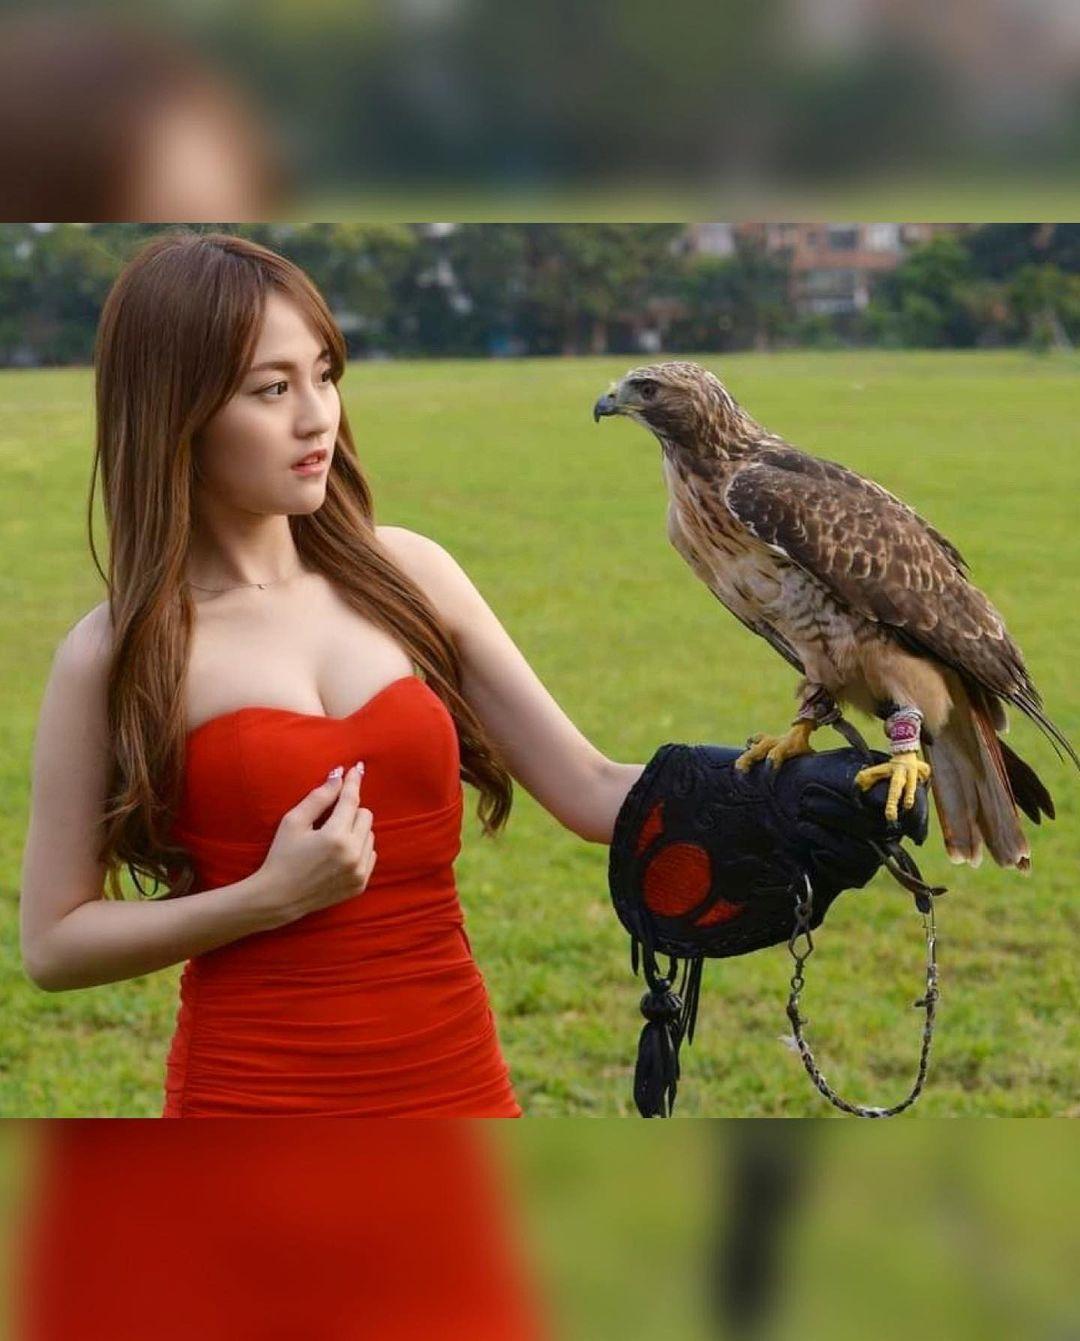 讓老鷹看到呆掉的美女佳佳兒 - 美女圖 -